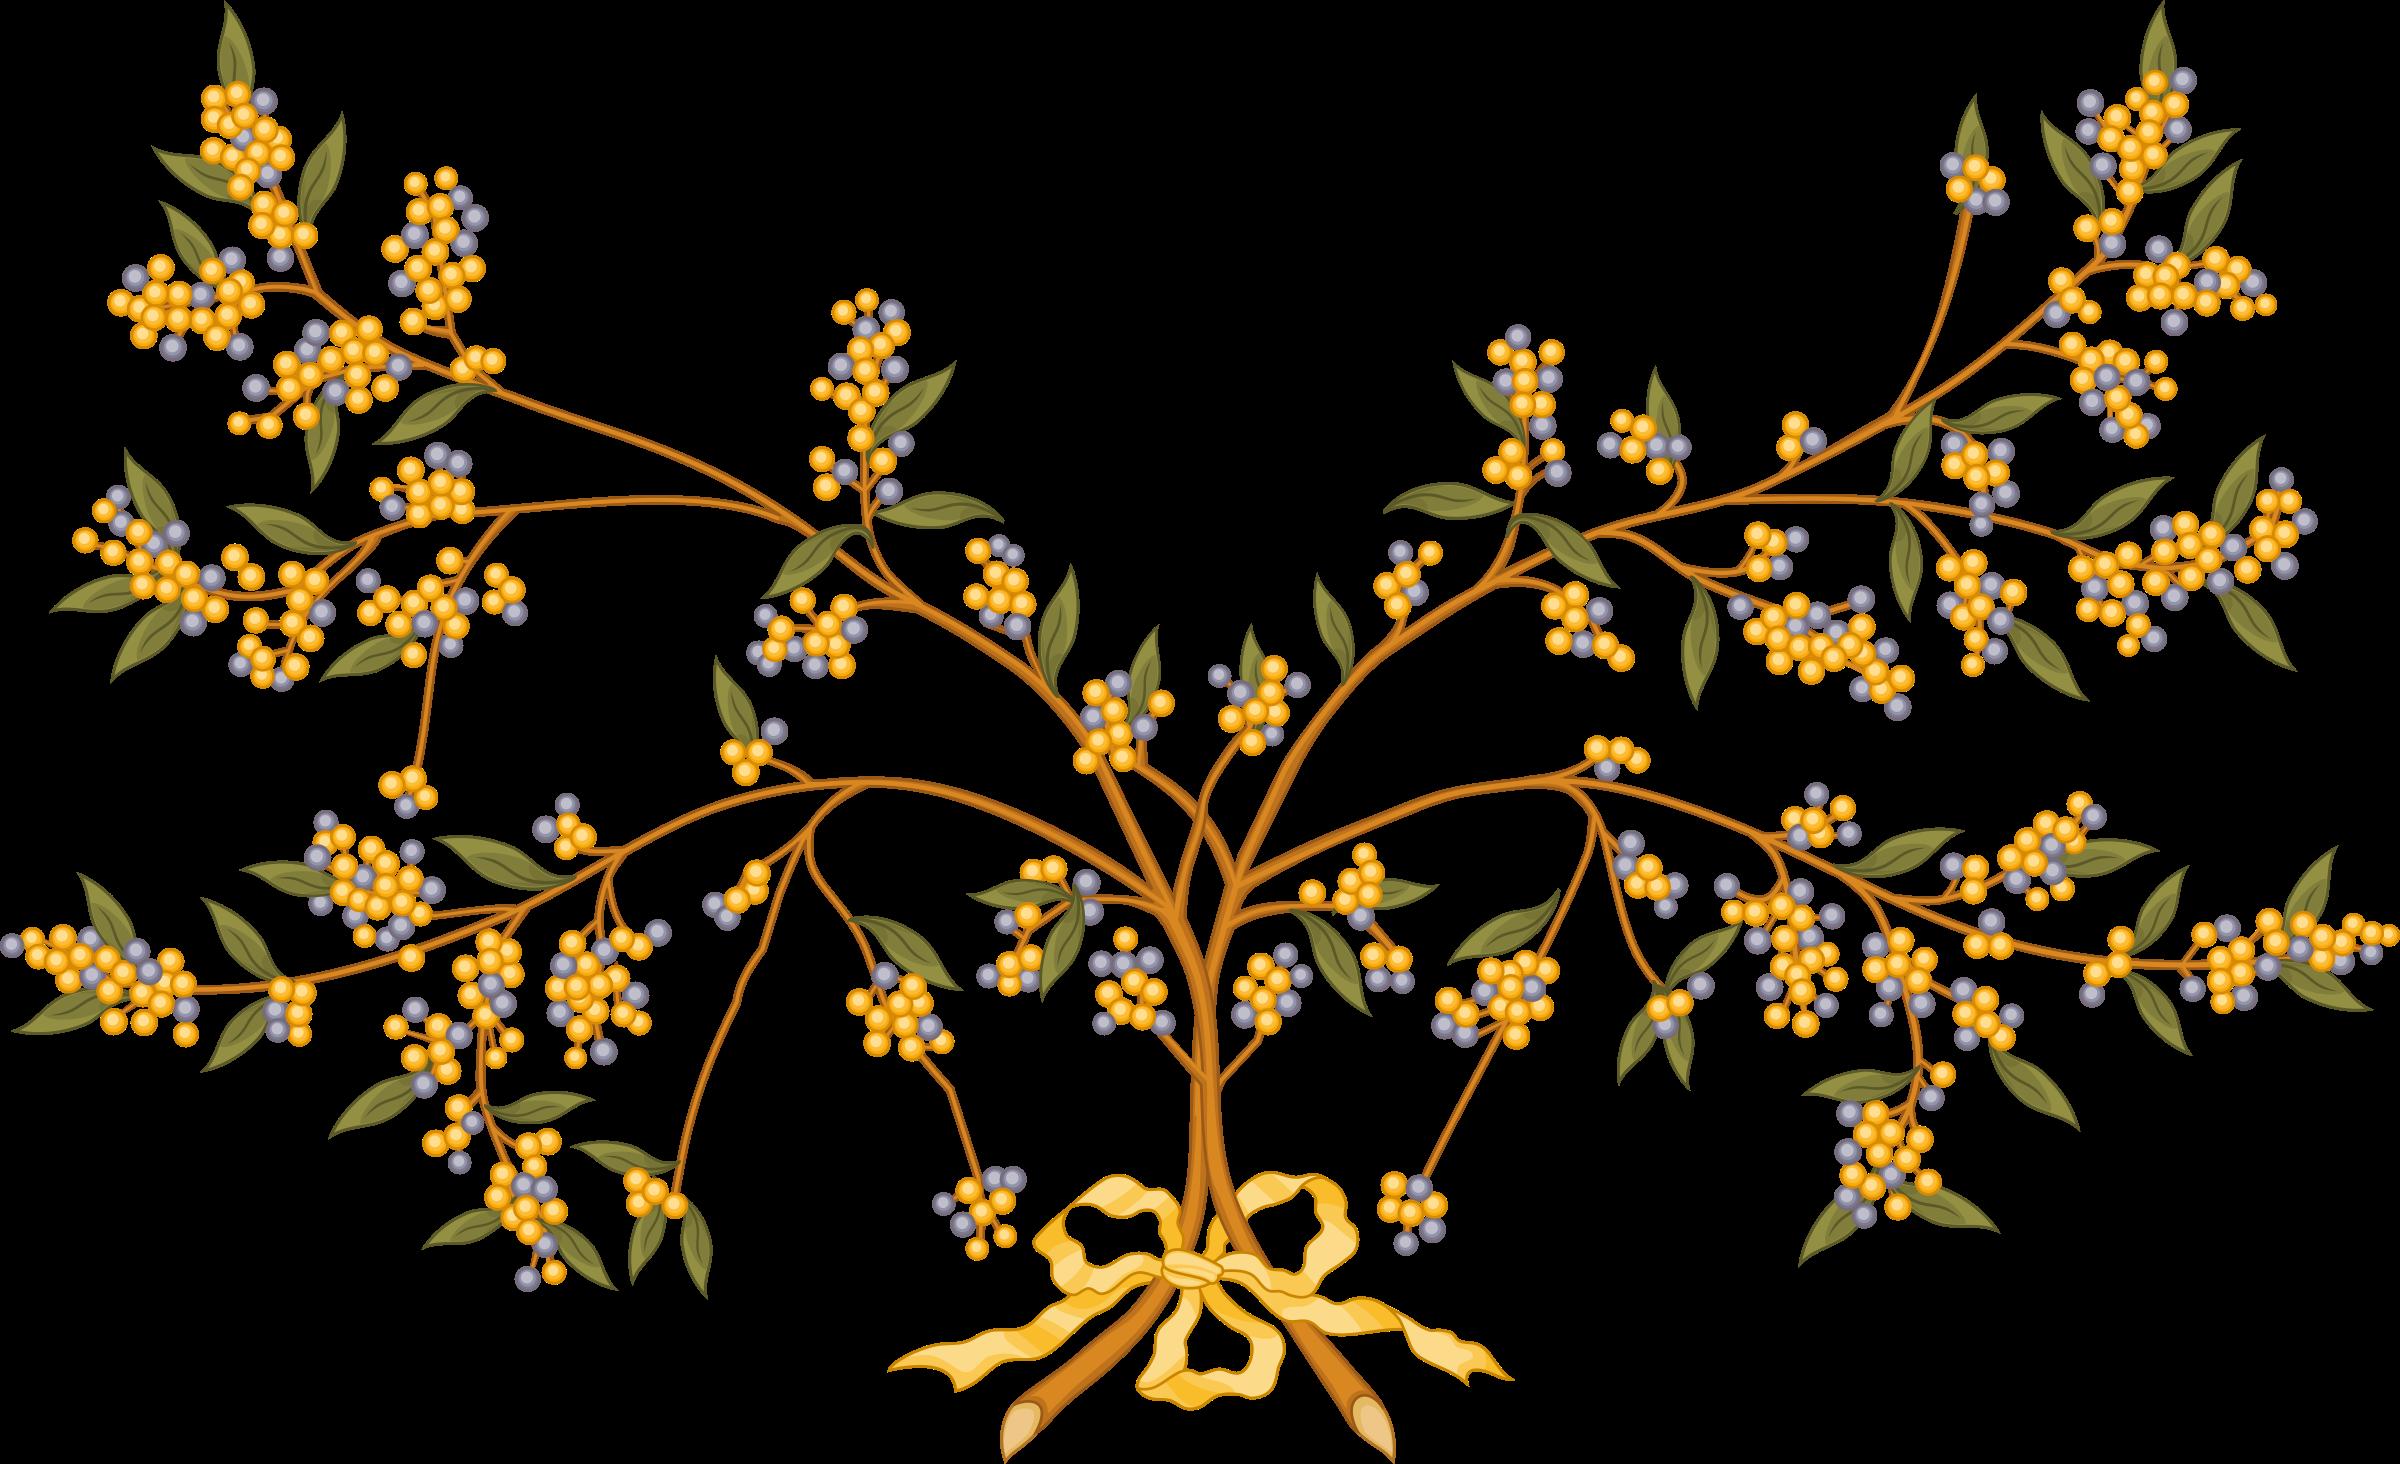 Branch clipart wattle Wattle Wattle branch Clipart branch